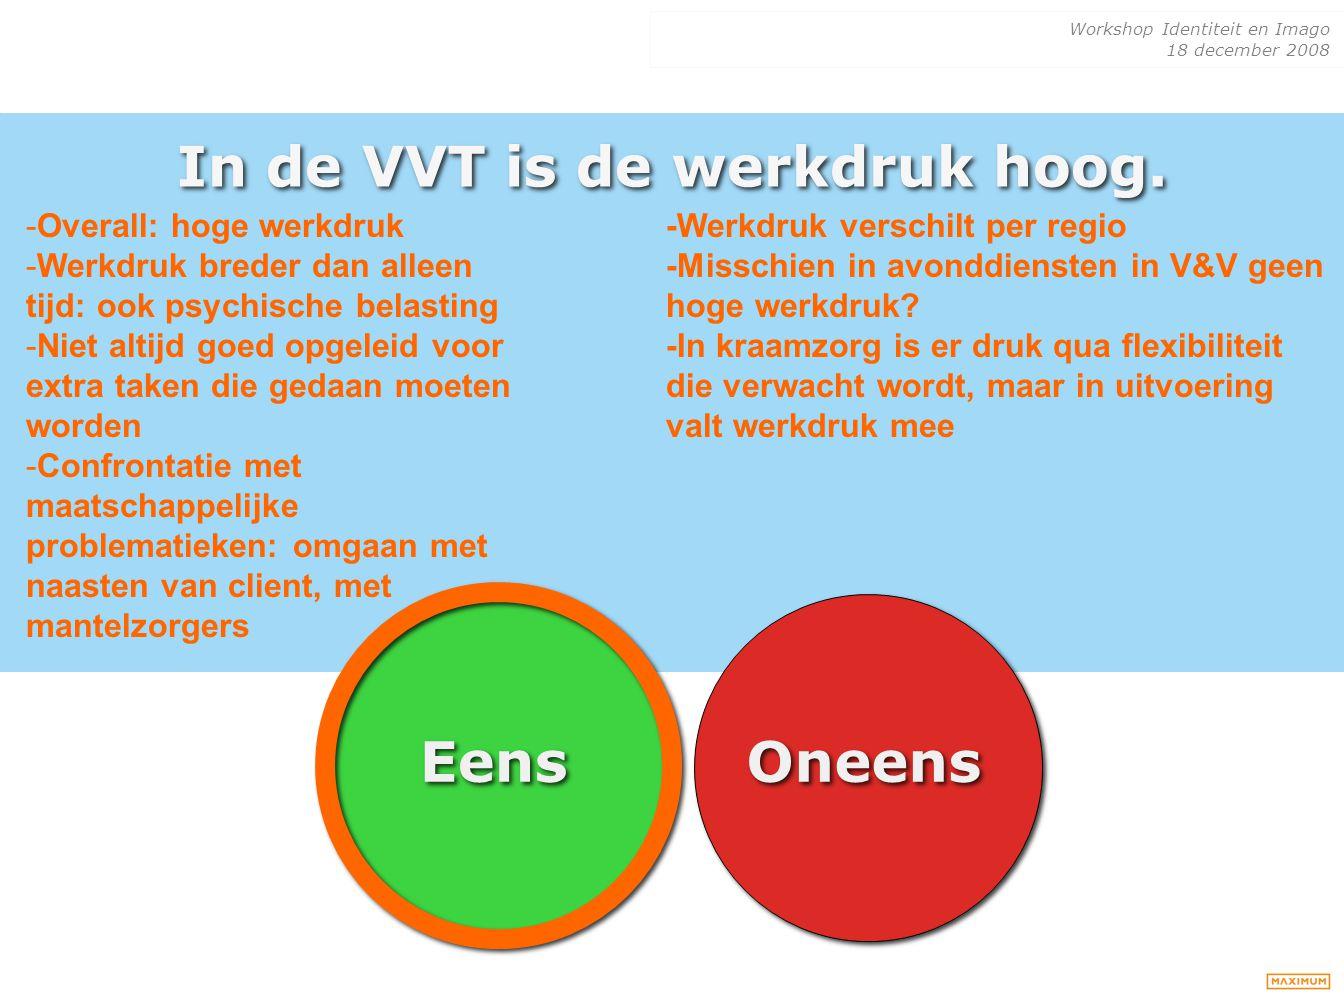 Workshop Identiteit en Imago 18 december 2008 In de VVT is de werkdruk hoog. Eens Oneens -Overall: hoge werkdruk -Werkdruk breder dan alleen tijd: ook